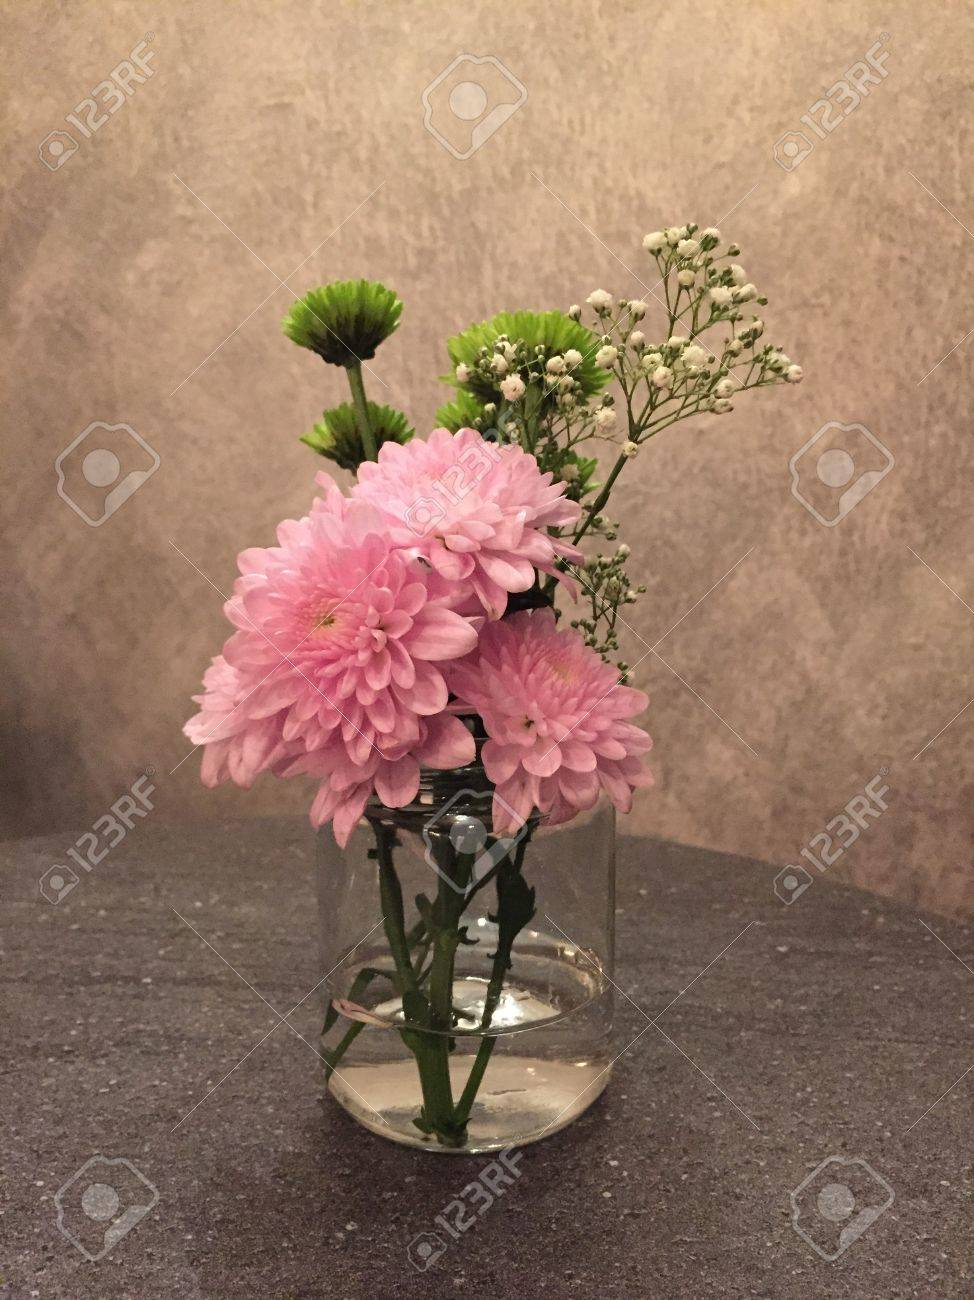 Simple Flower Arrangements A Simple Flower Arrangements Using Cut Flowers Would Light Up